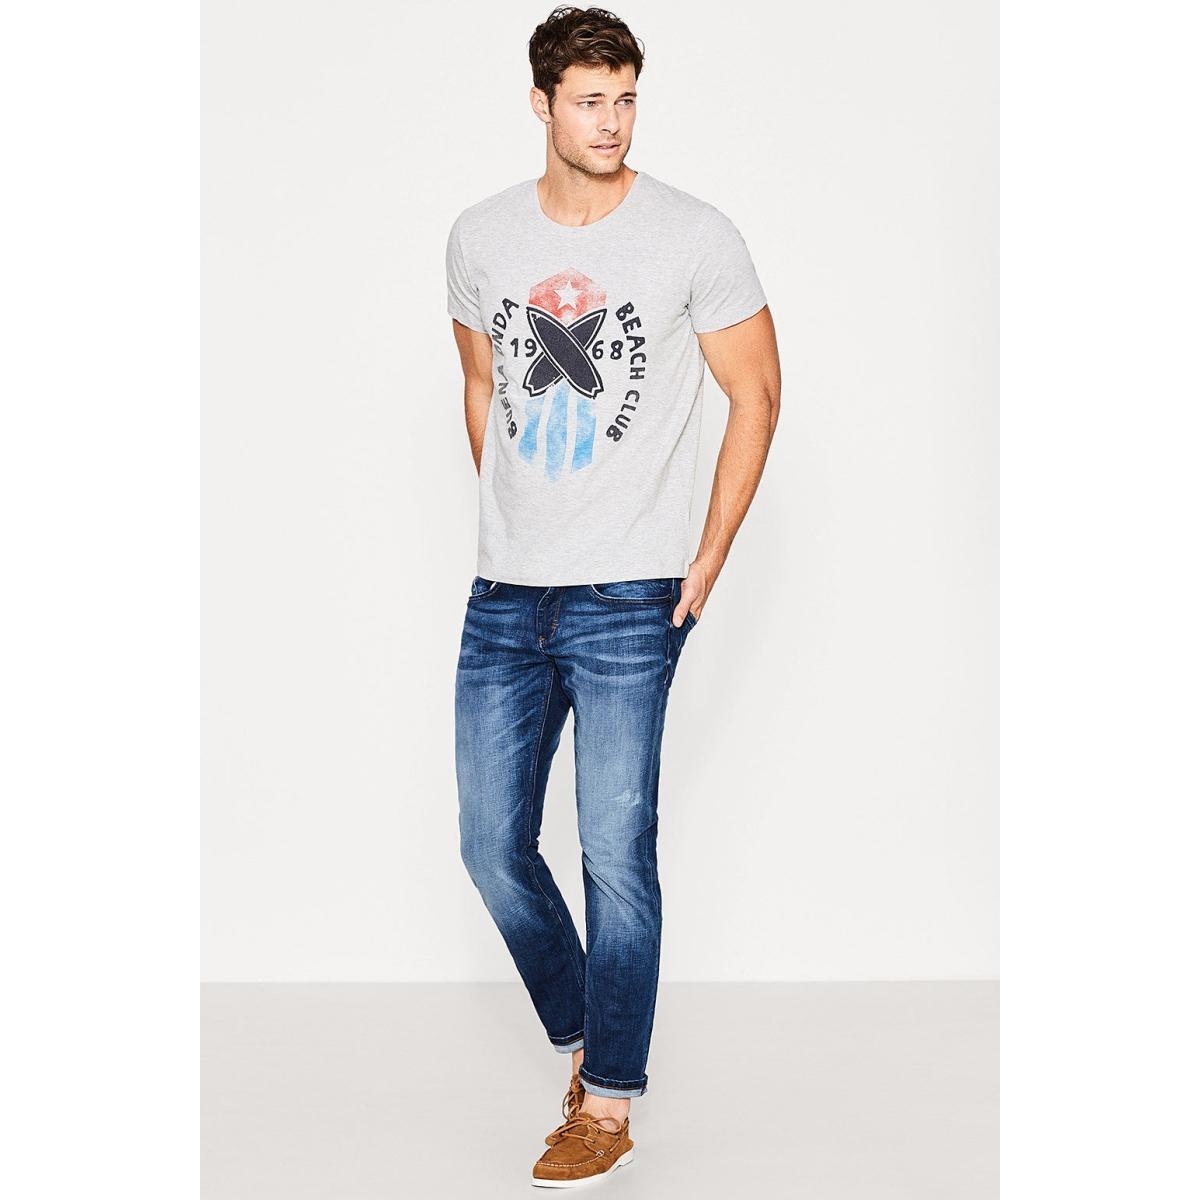 077ee2k005 esprit t-shirt e040